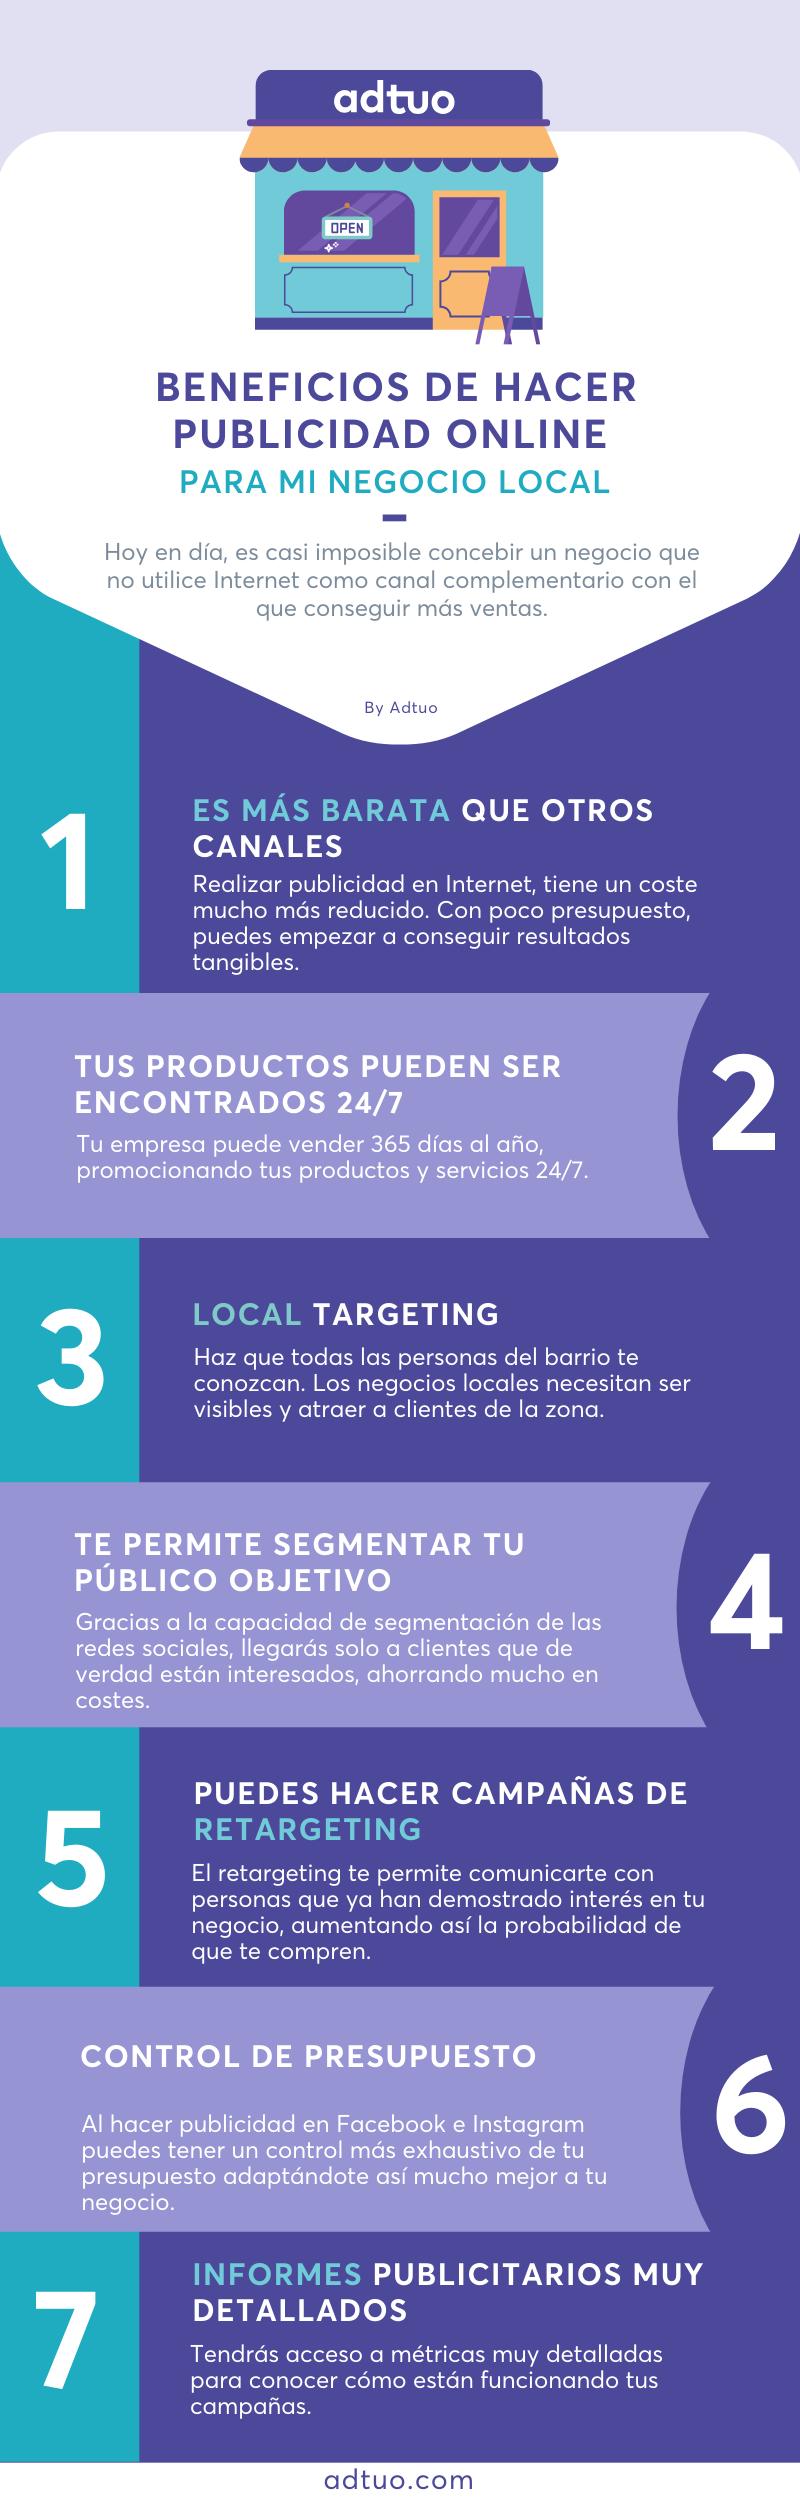 Beneficios de la publicidad online para negocios locales